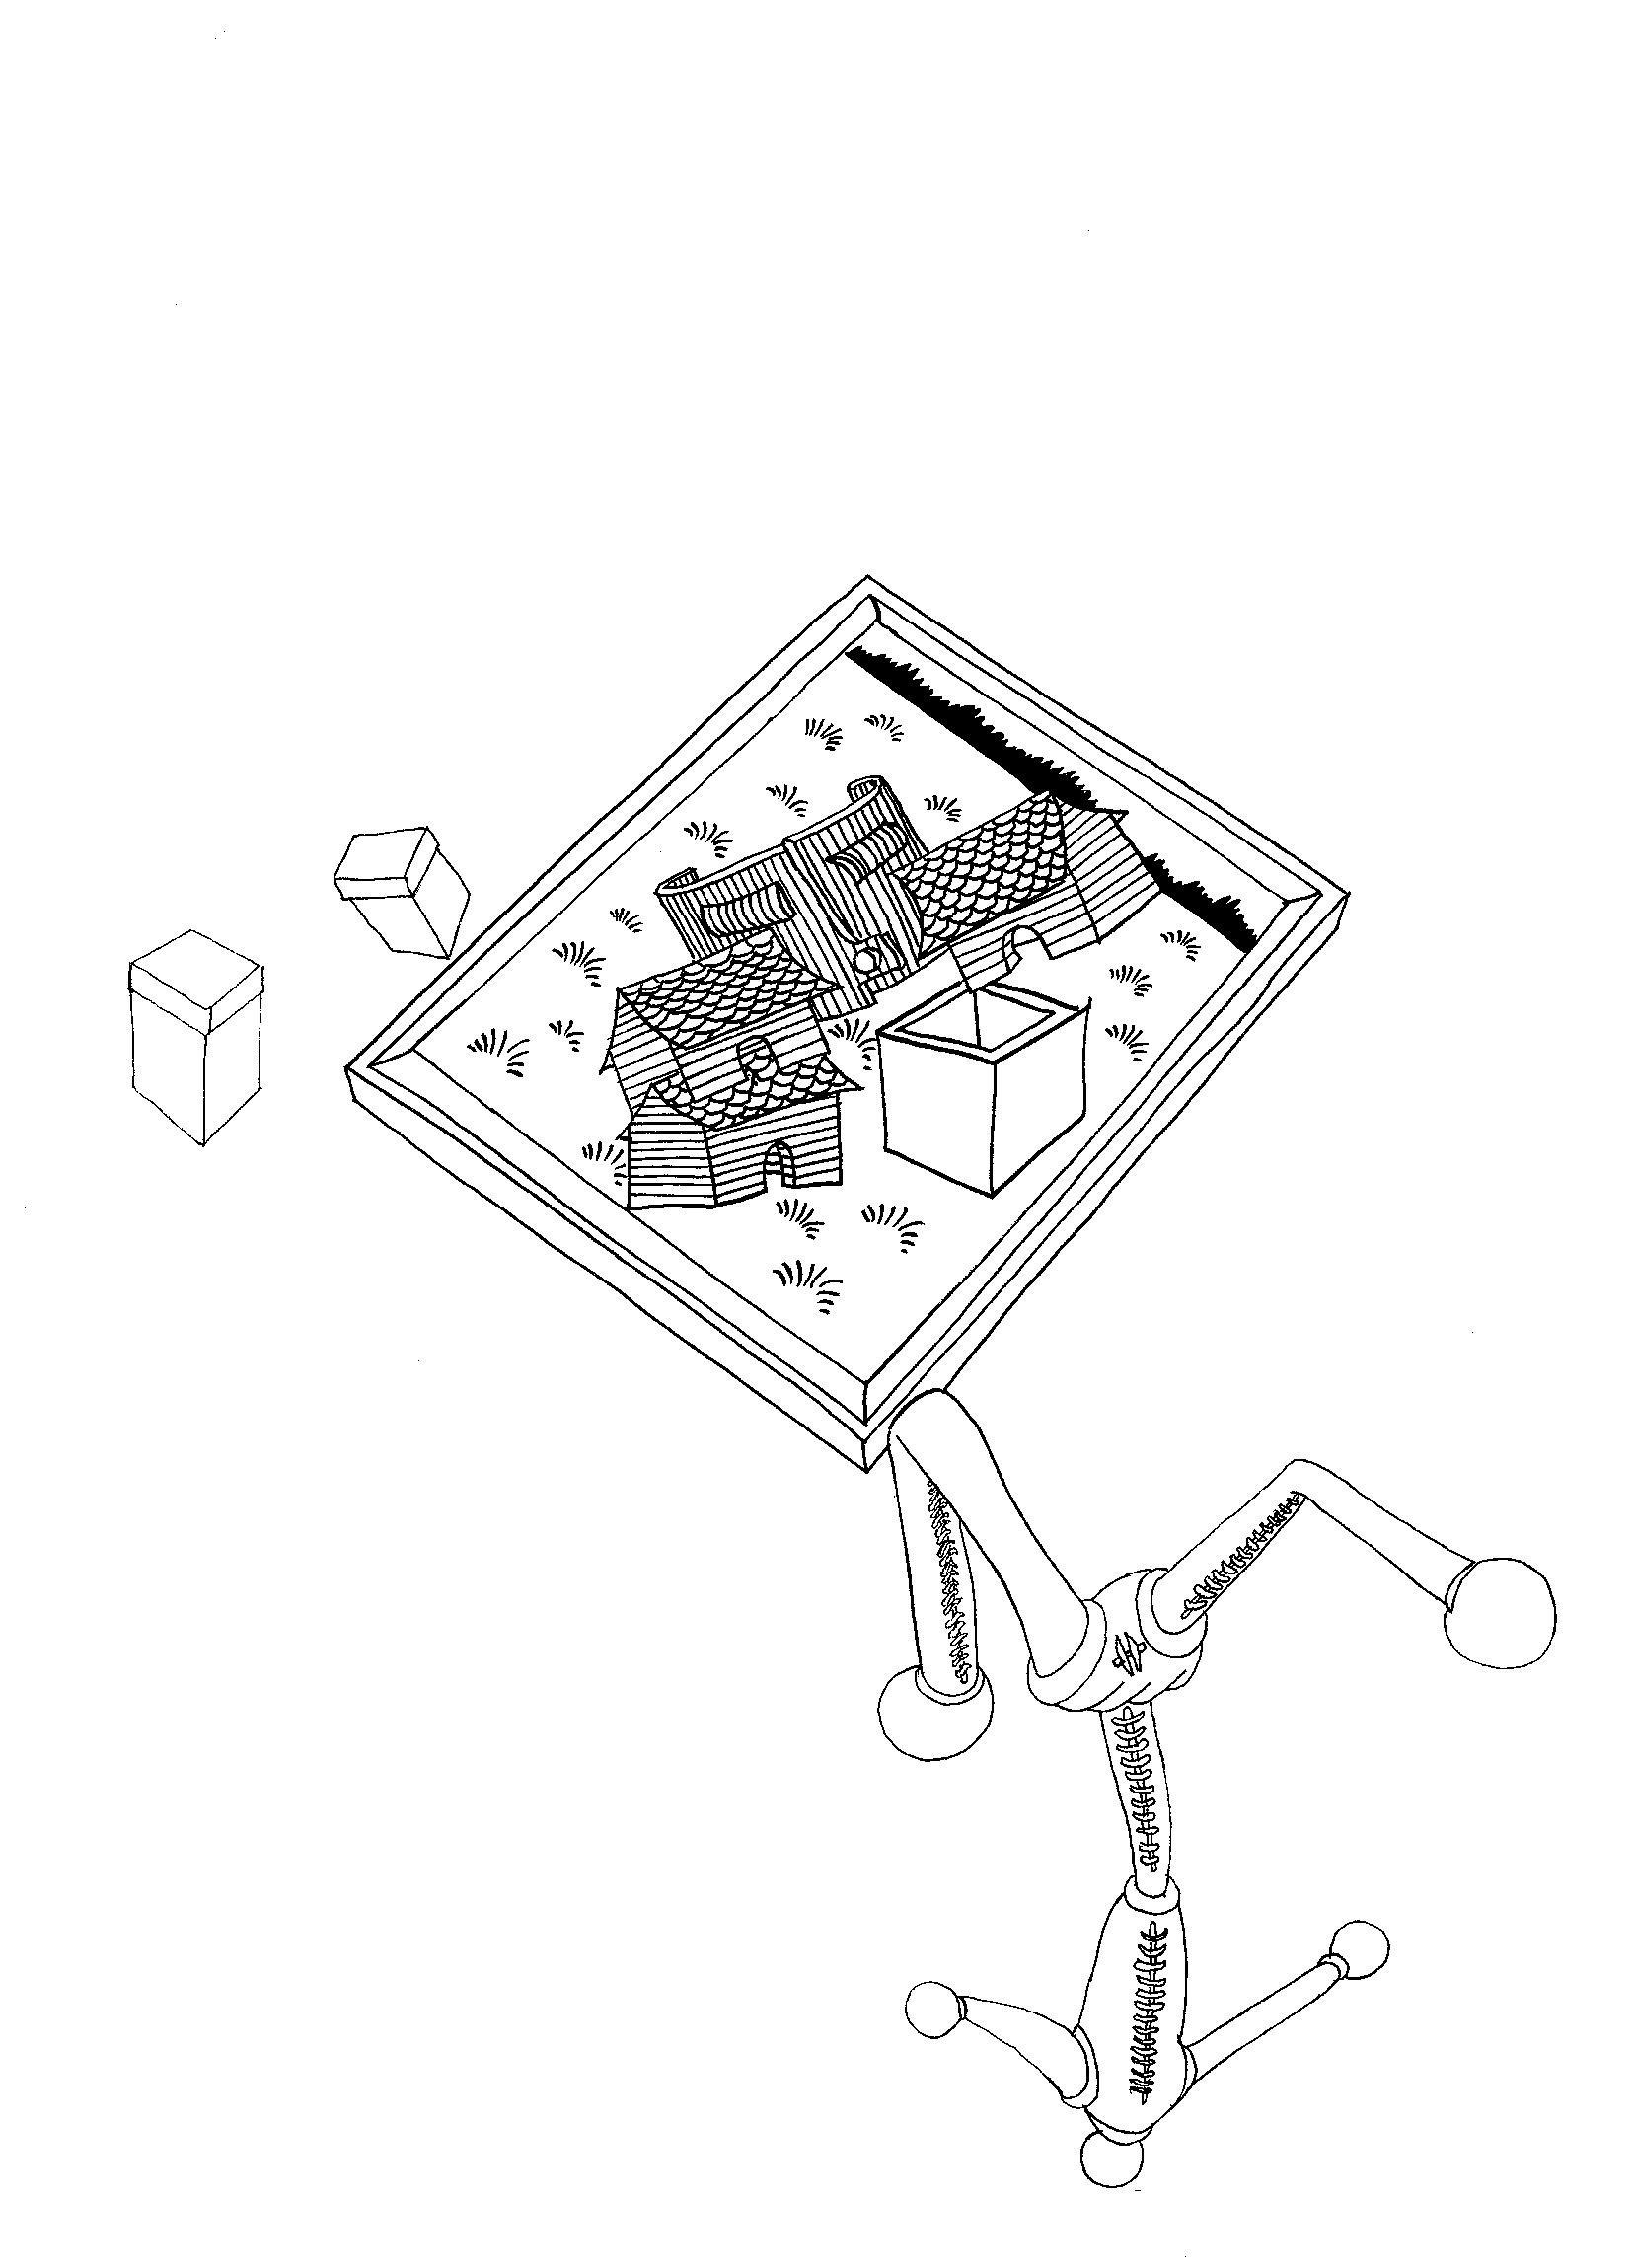 Later Drawings: Sketchbook One